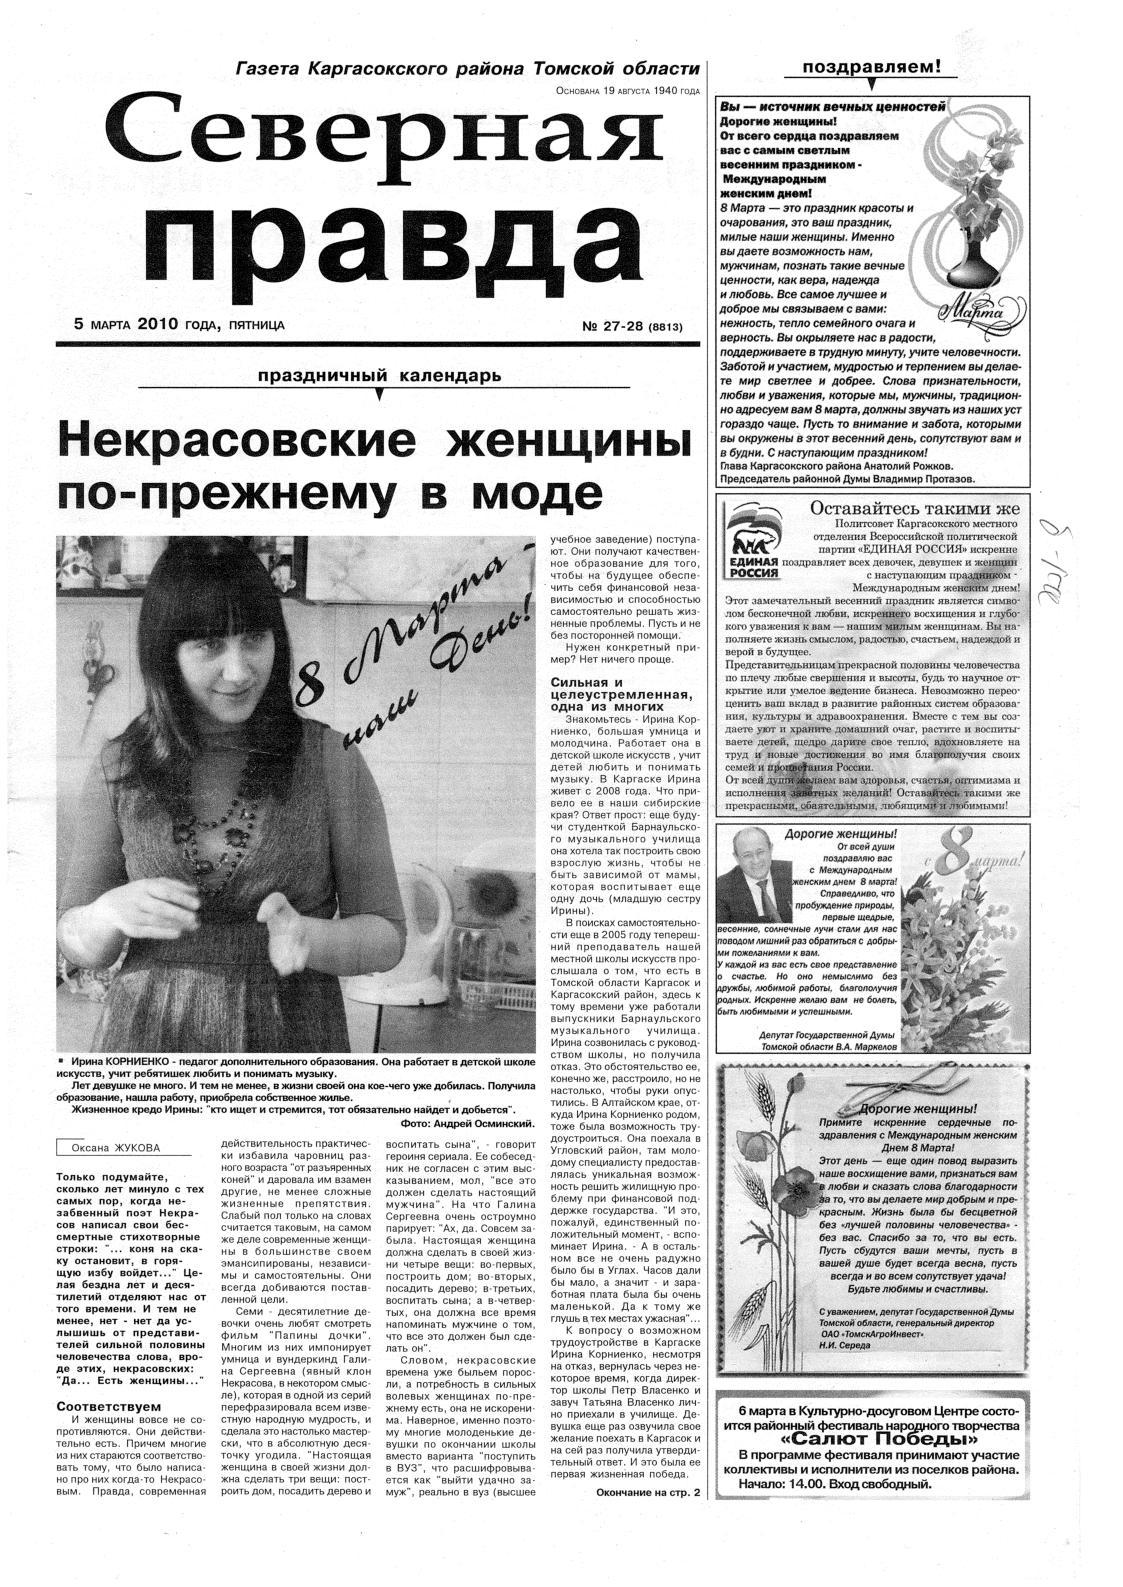 Работа в томске для девушек без образования работа в воронеже для девушек